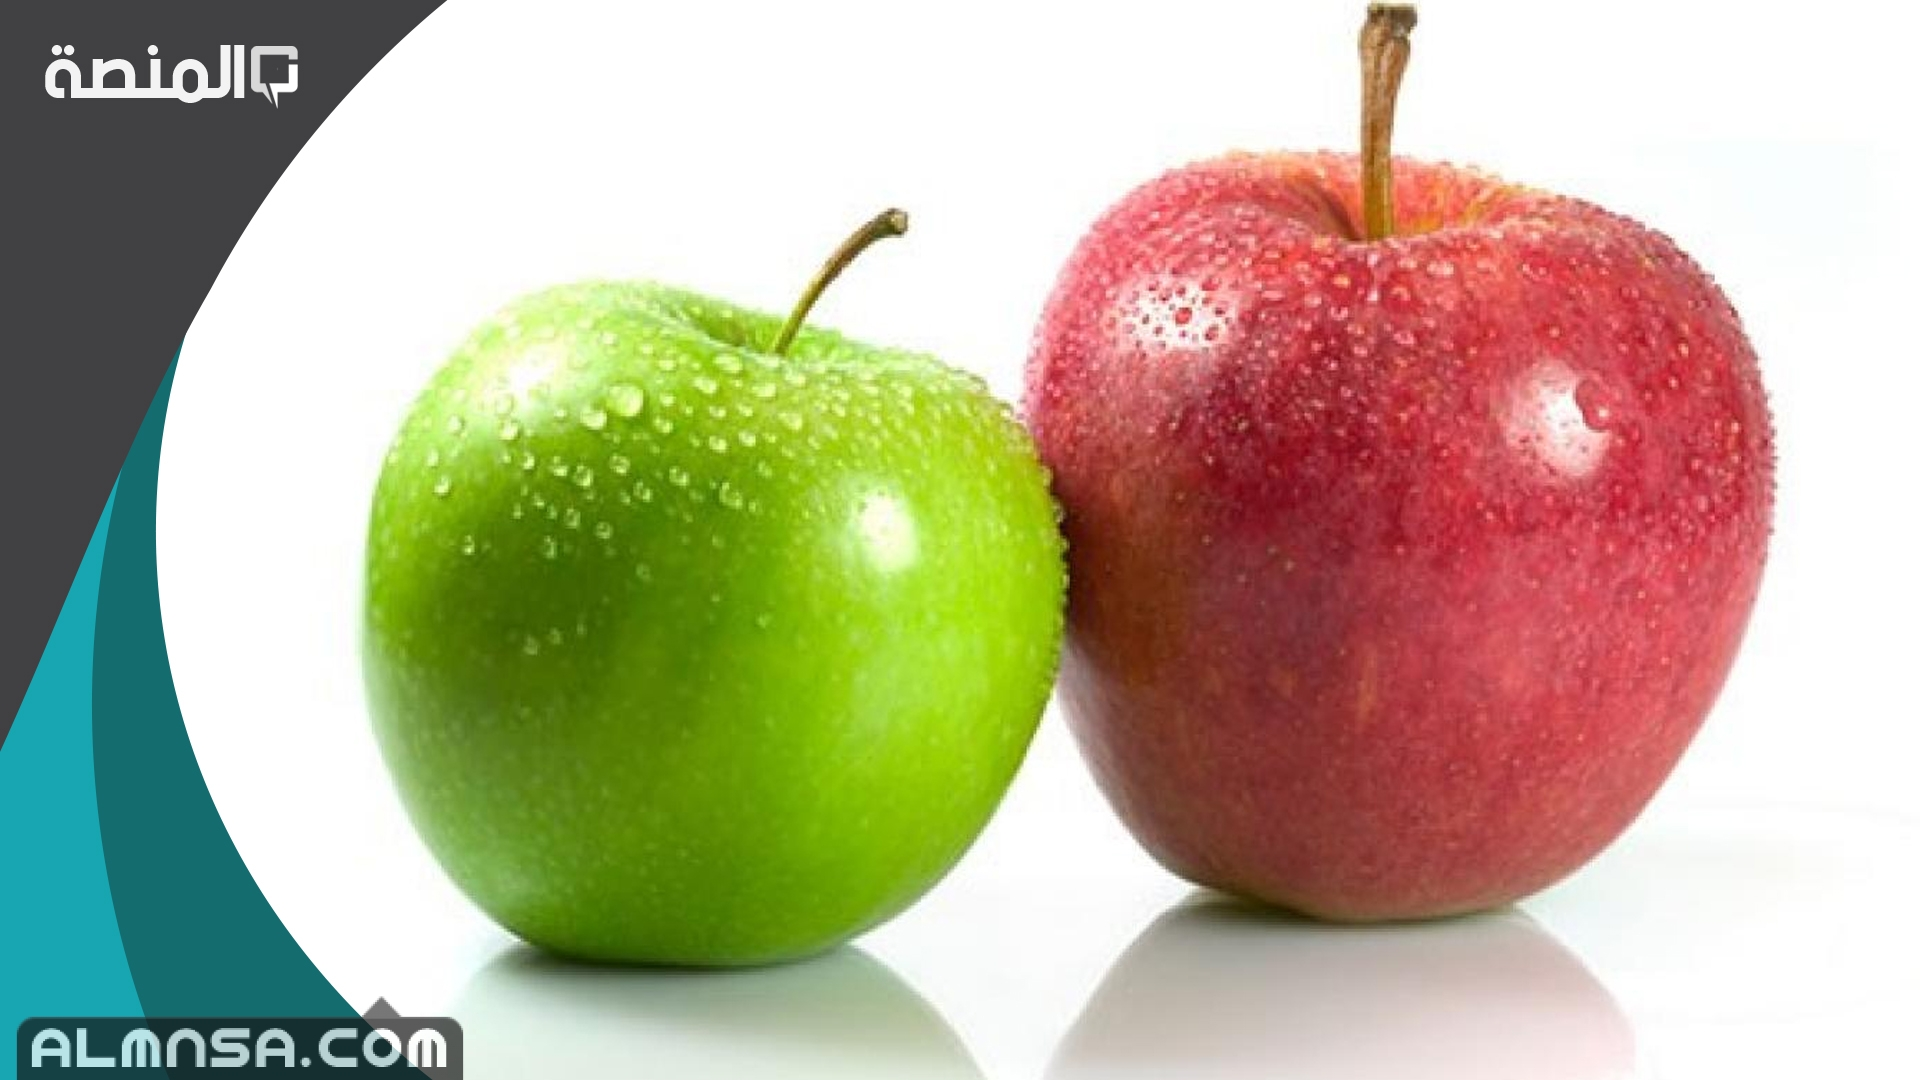 تفسير رؤية التفاح الاصفر او الاحمر في المنام المنصة